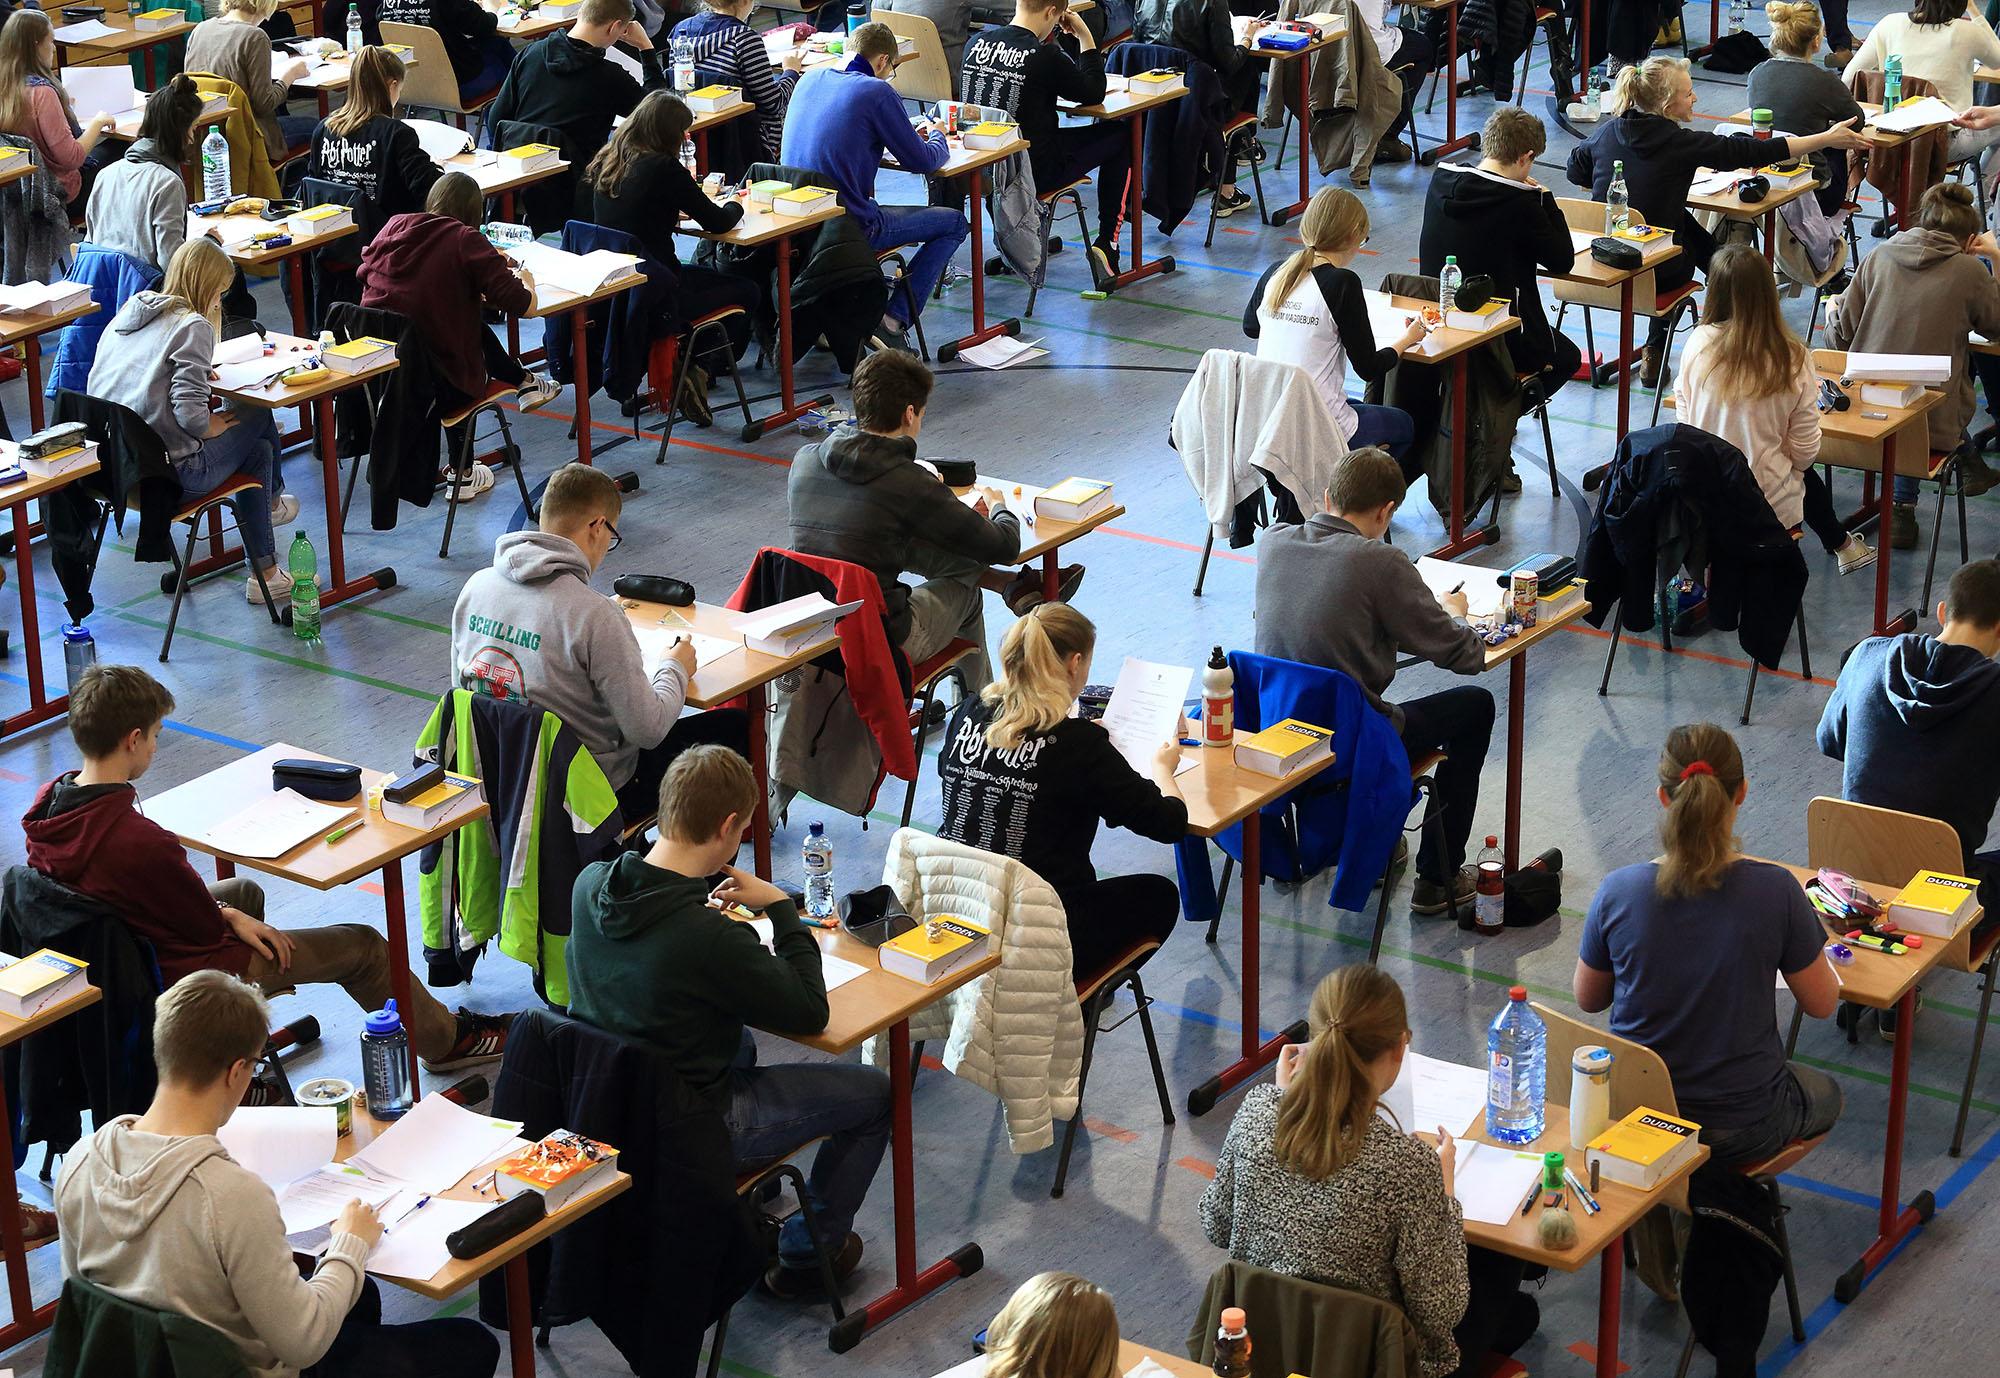 ARCHIV - Insgesamt 109 Sch¸lerinnen und Sch¸ler arbeiten am 18.04.2016 im ÷kumenischen Domgymnasium in Magdeburg (Sachsen-